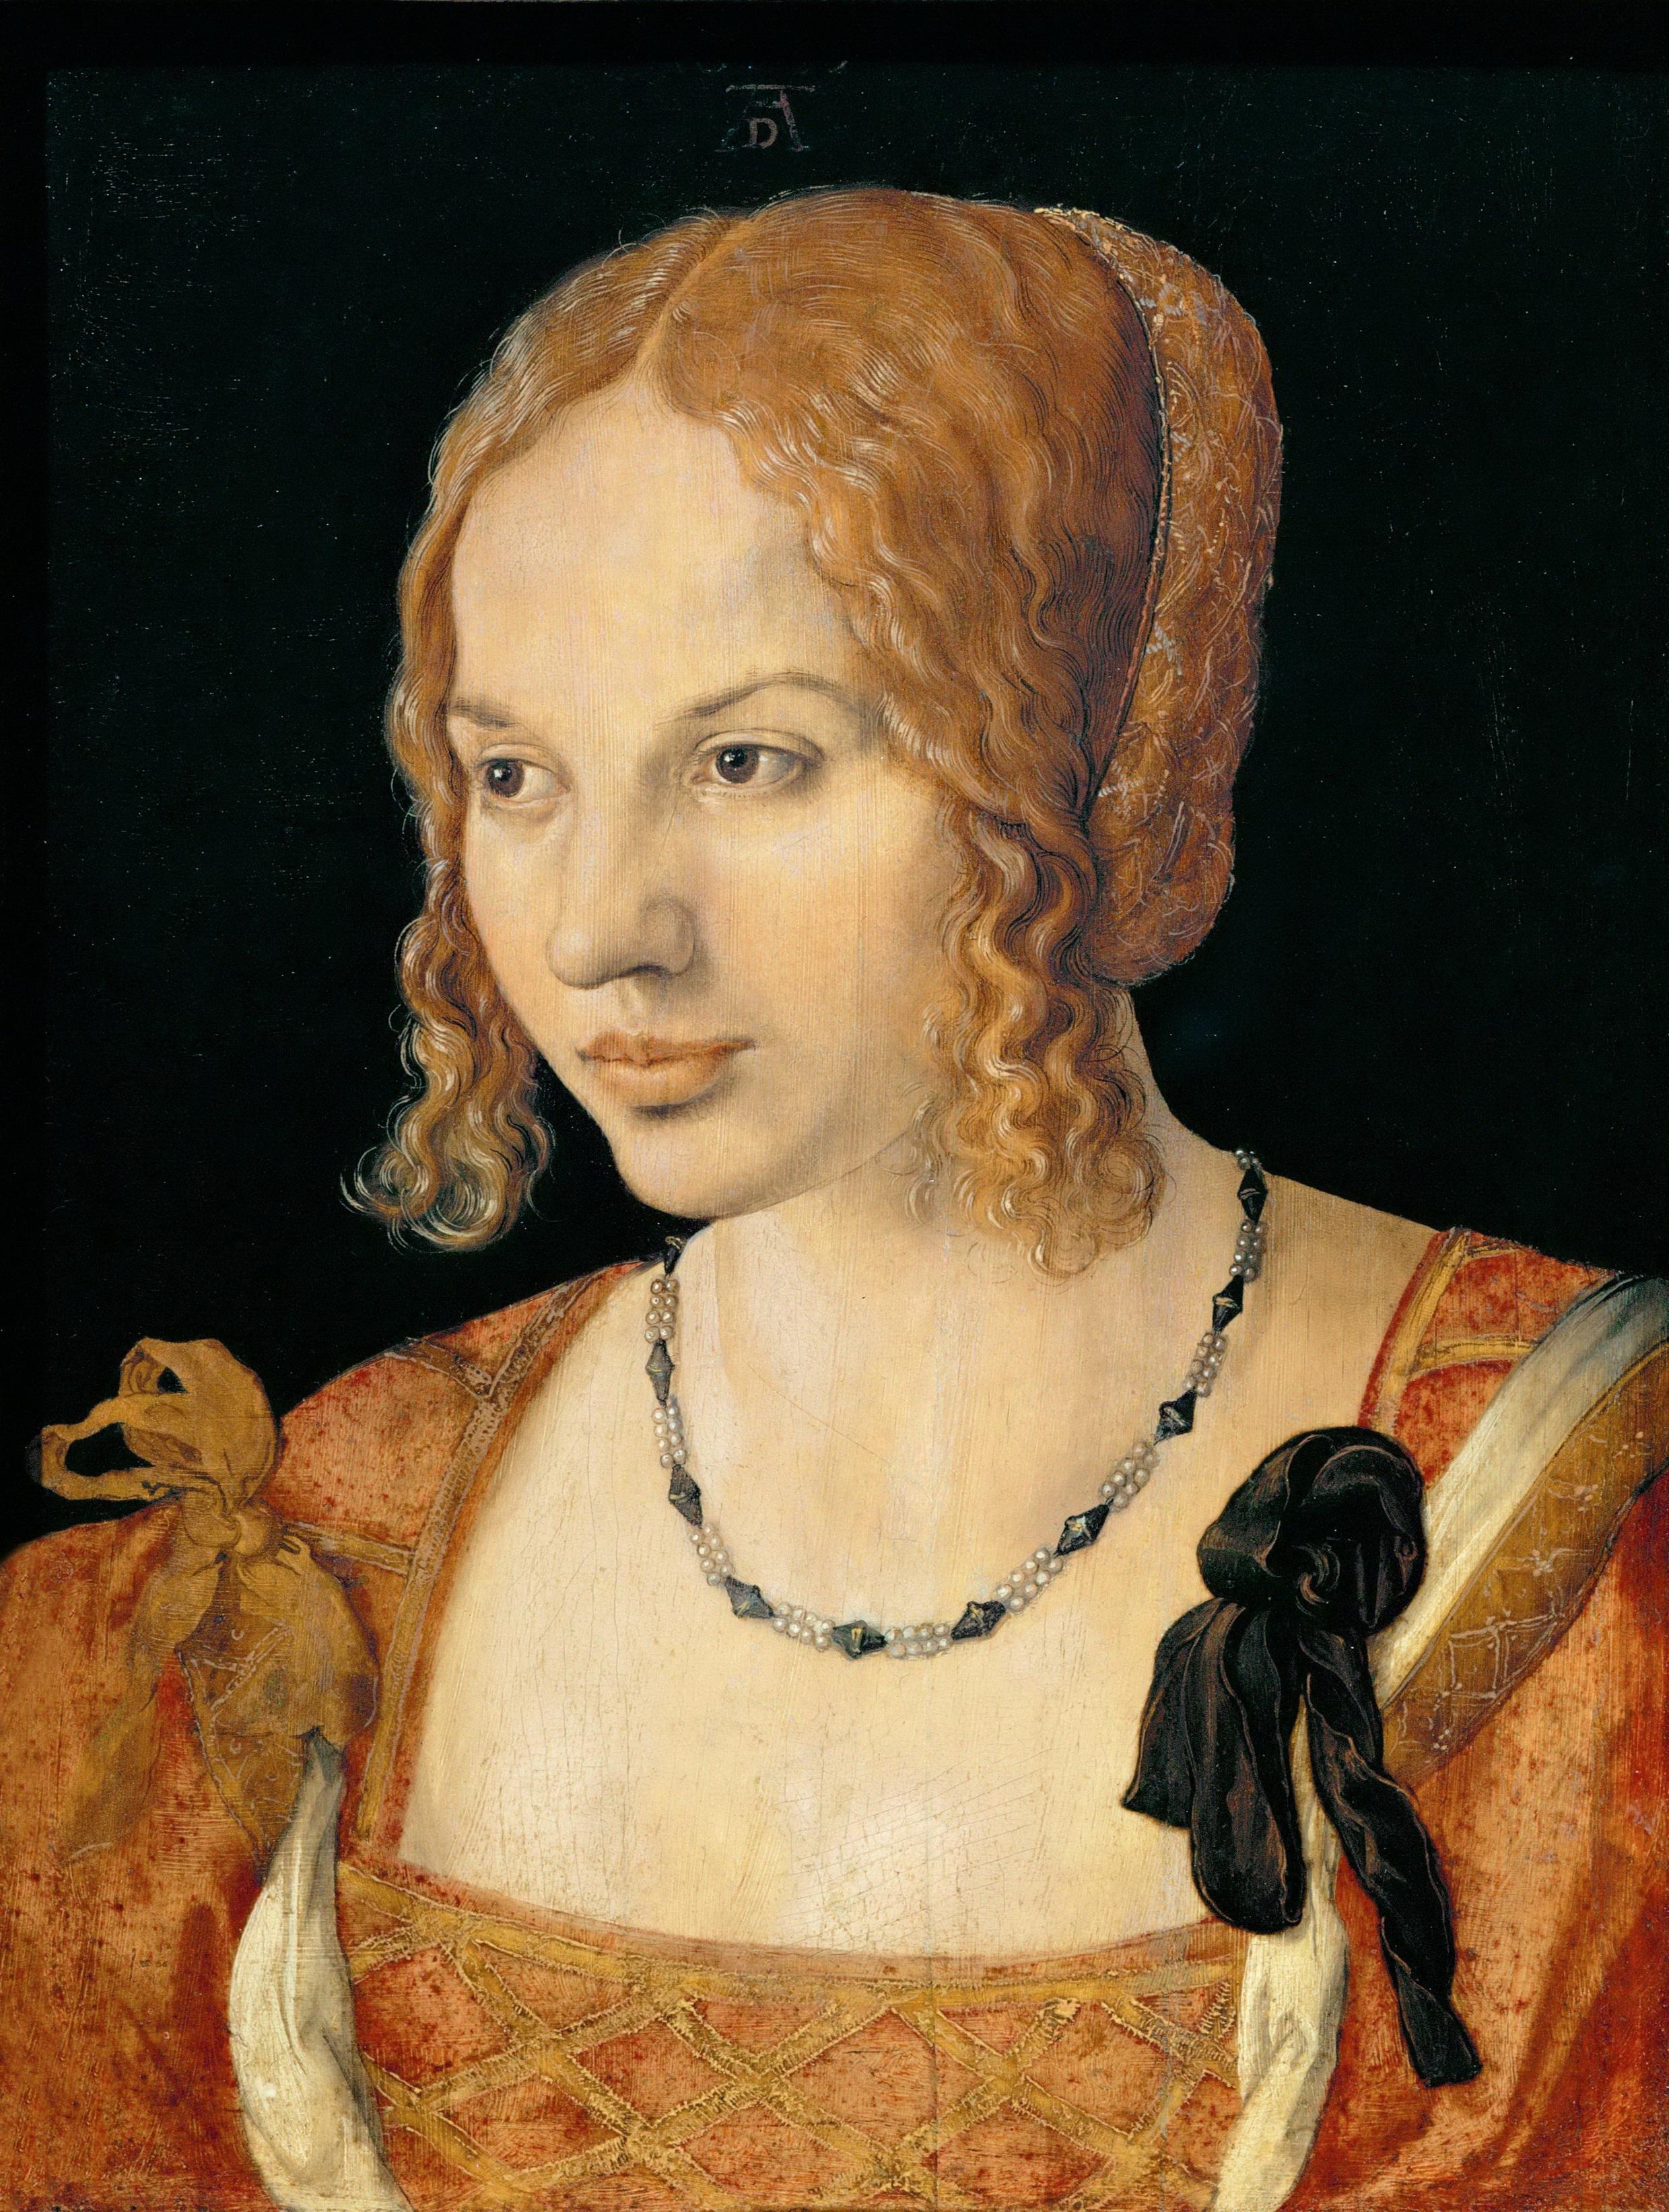 Portrait of a Venetian Woman - Wikipedia